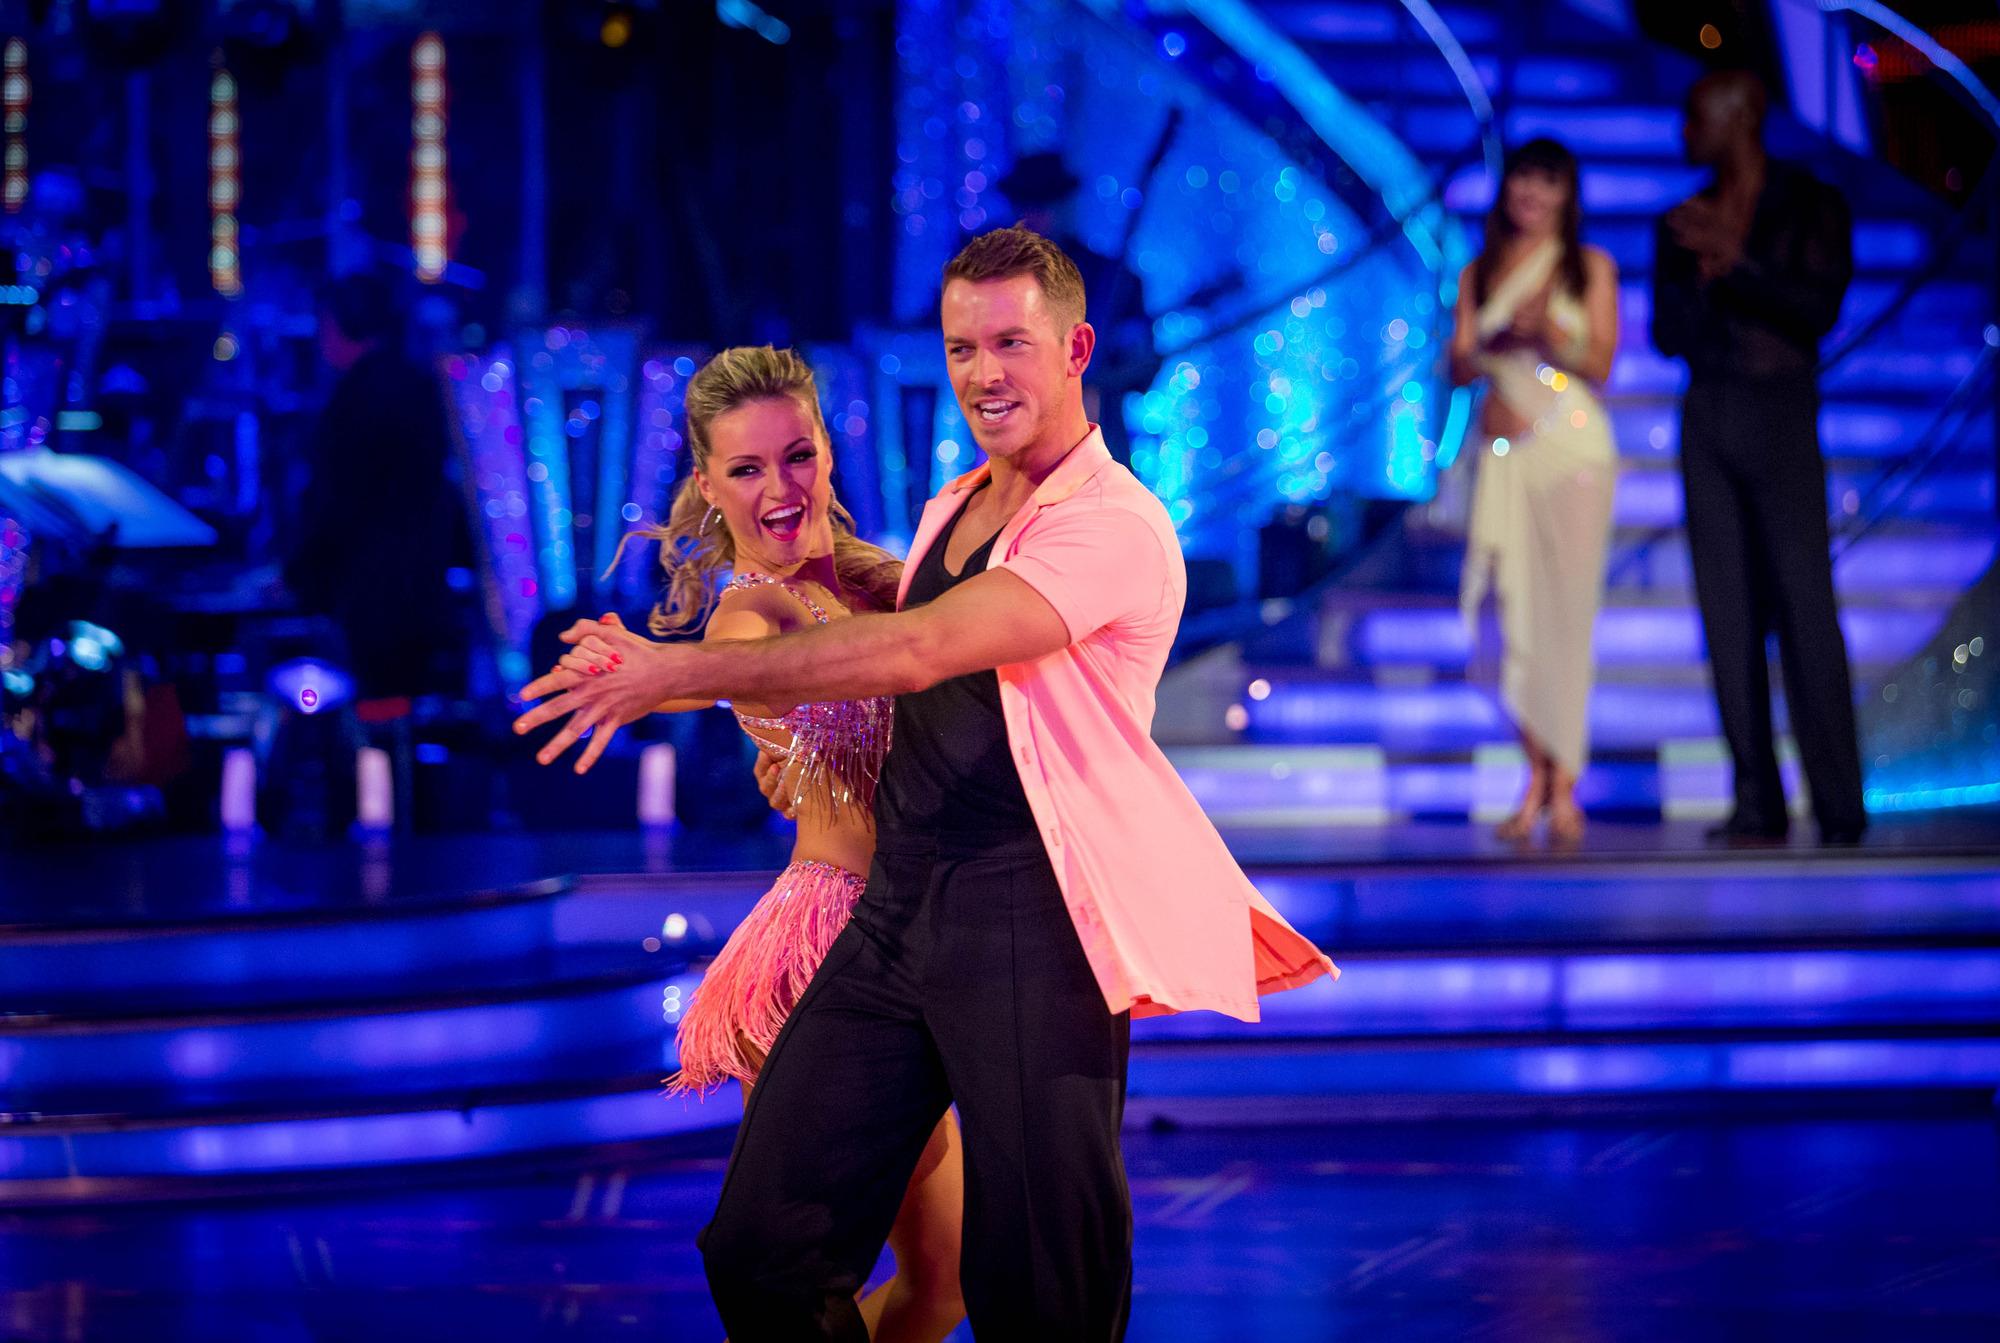 Ashley and Ola take their final dance Ola Jordan, Ashley Taylor Dawson - (C) BBC - Photographer: Guy Levy